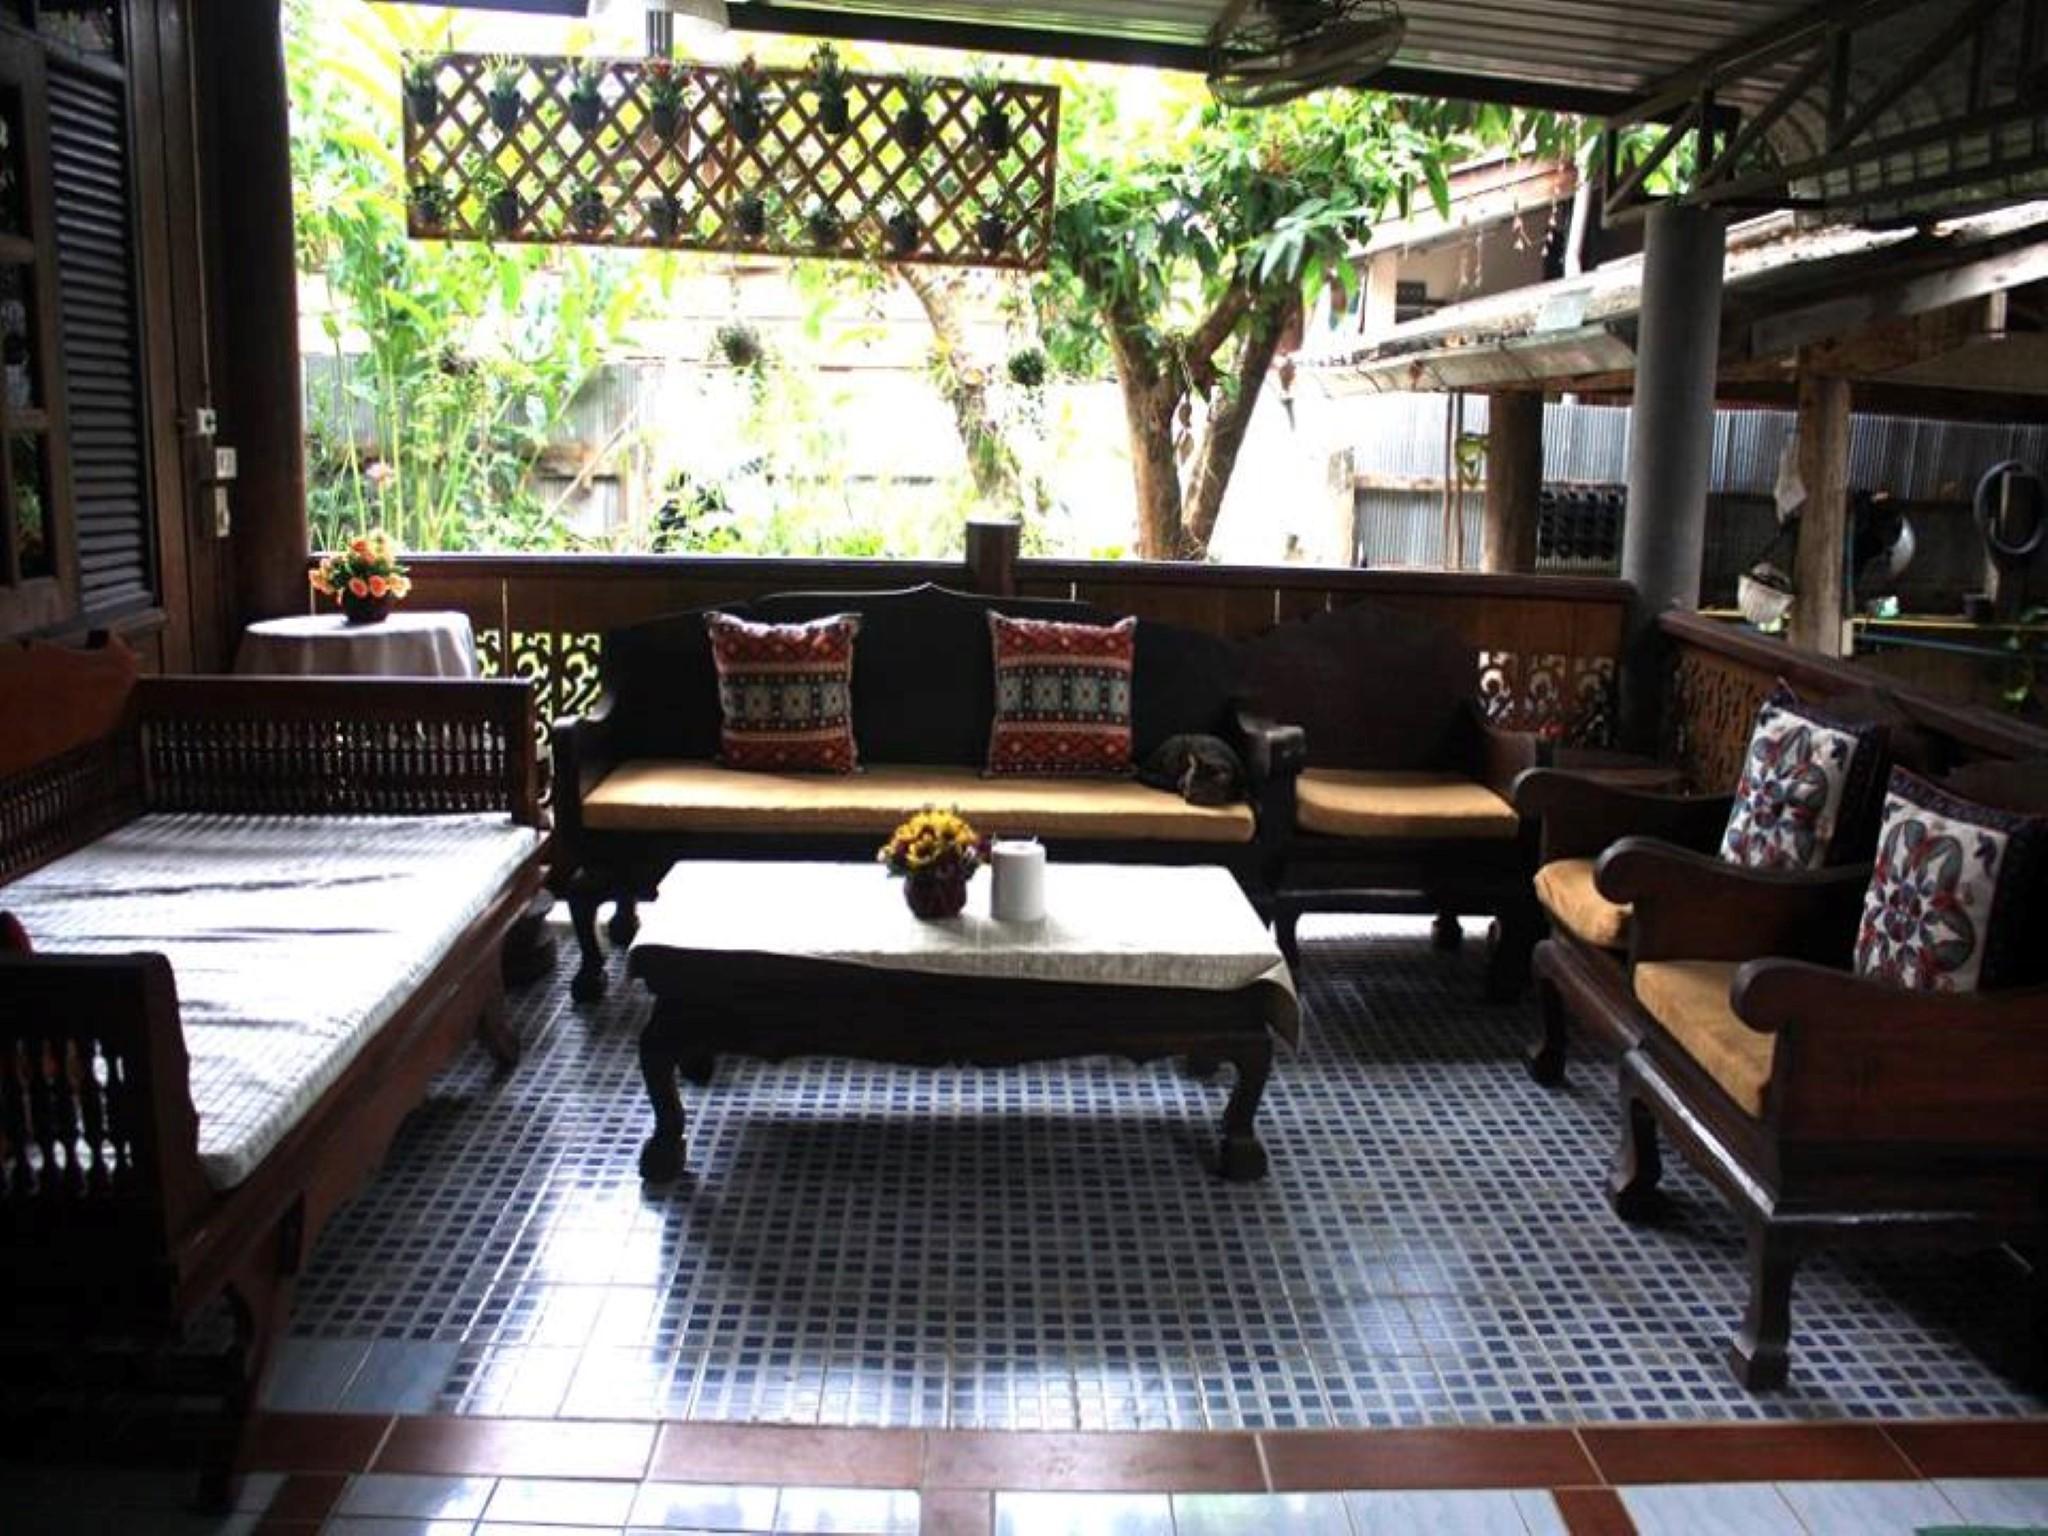 Kwan lah Home Stay